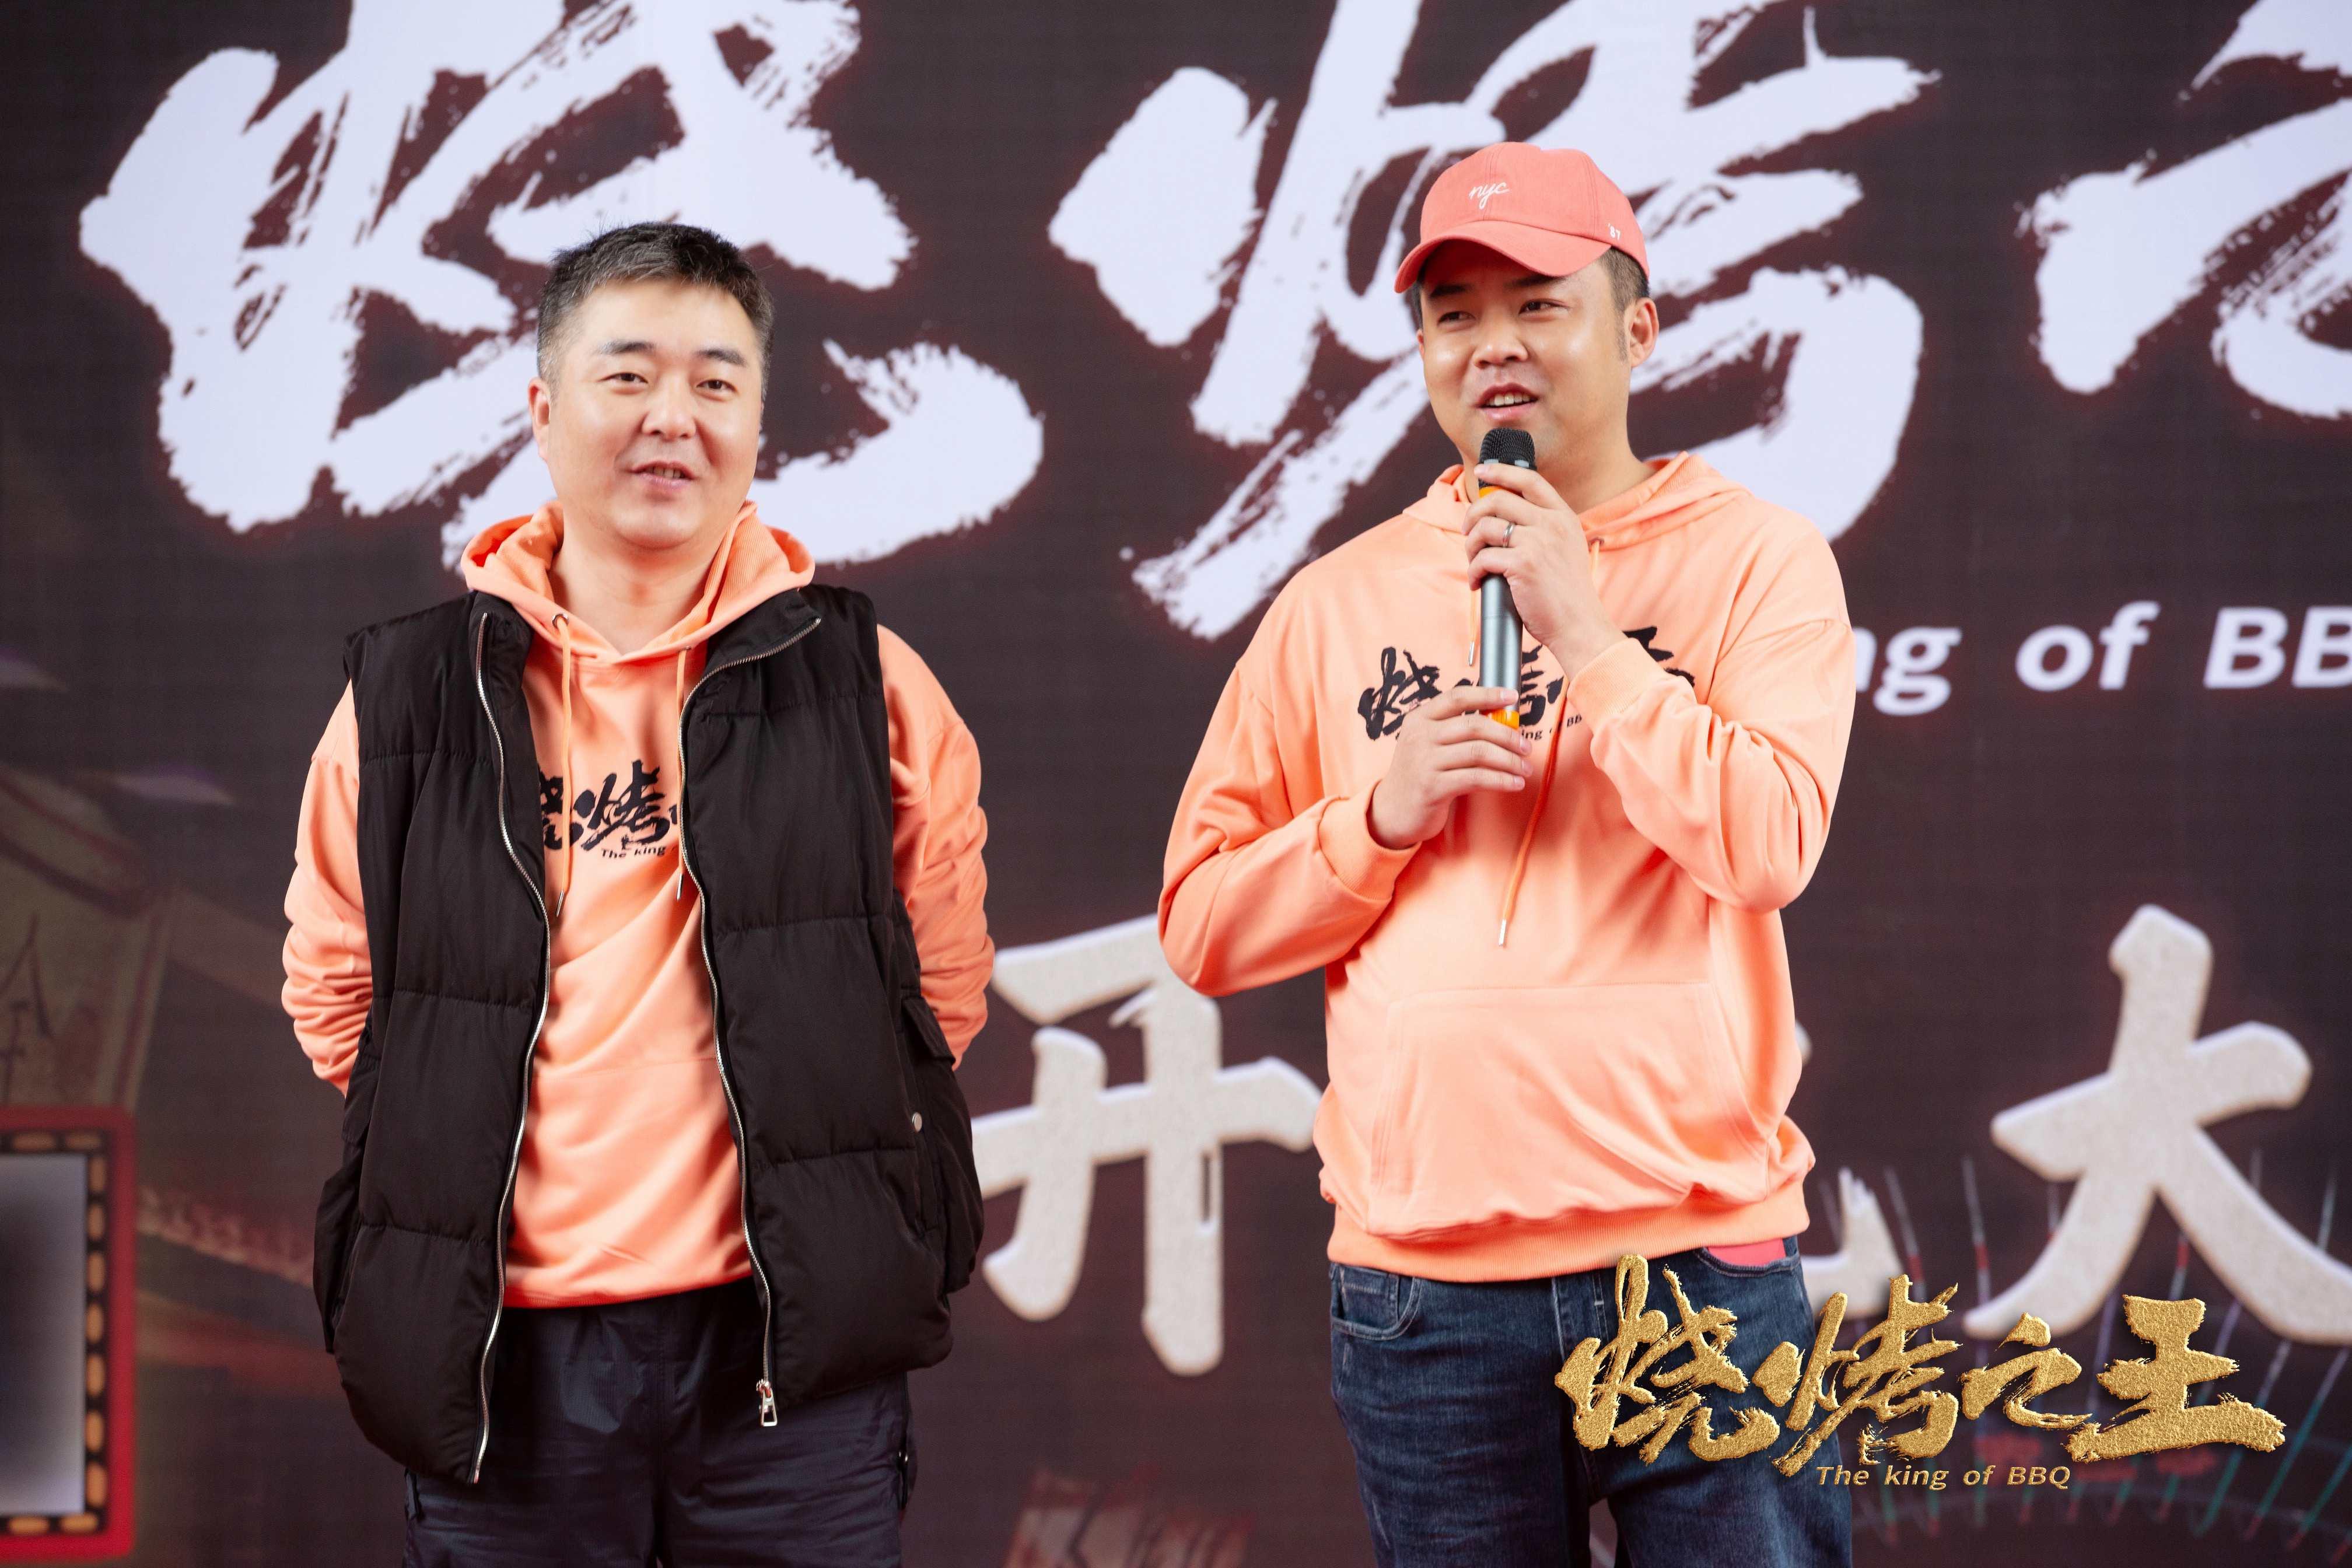 东北喜剧《烧烤之王》爆笑开机 (4).jpg